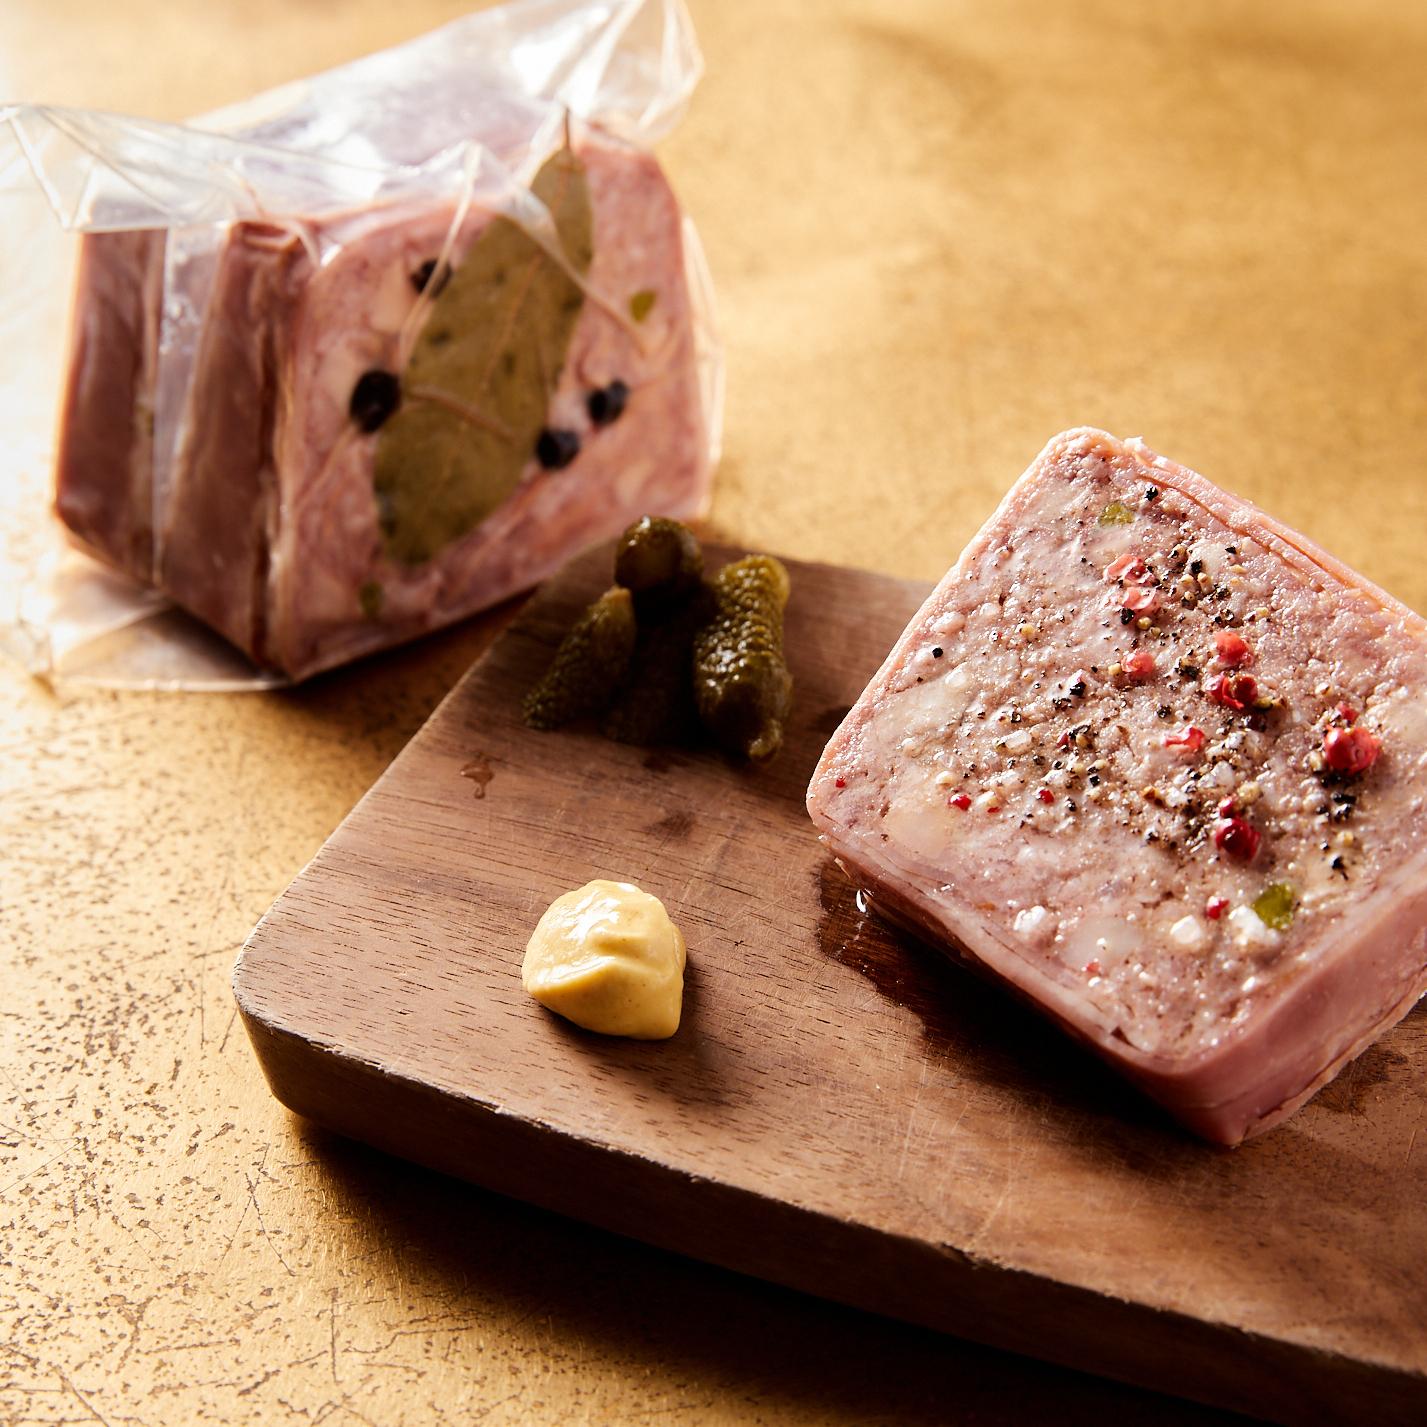 岩中豚とフォアグラ,ピスタチオのパテ( 1/4本350g )